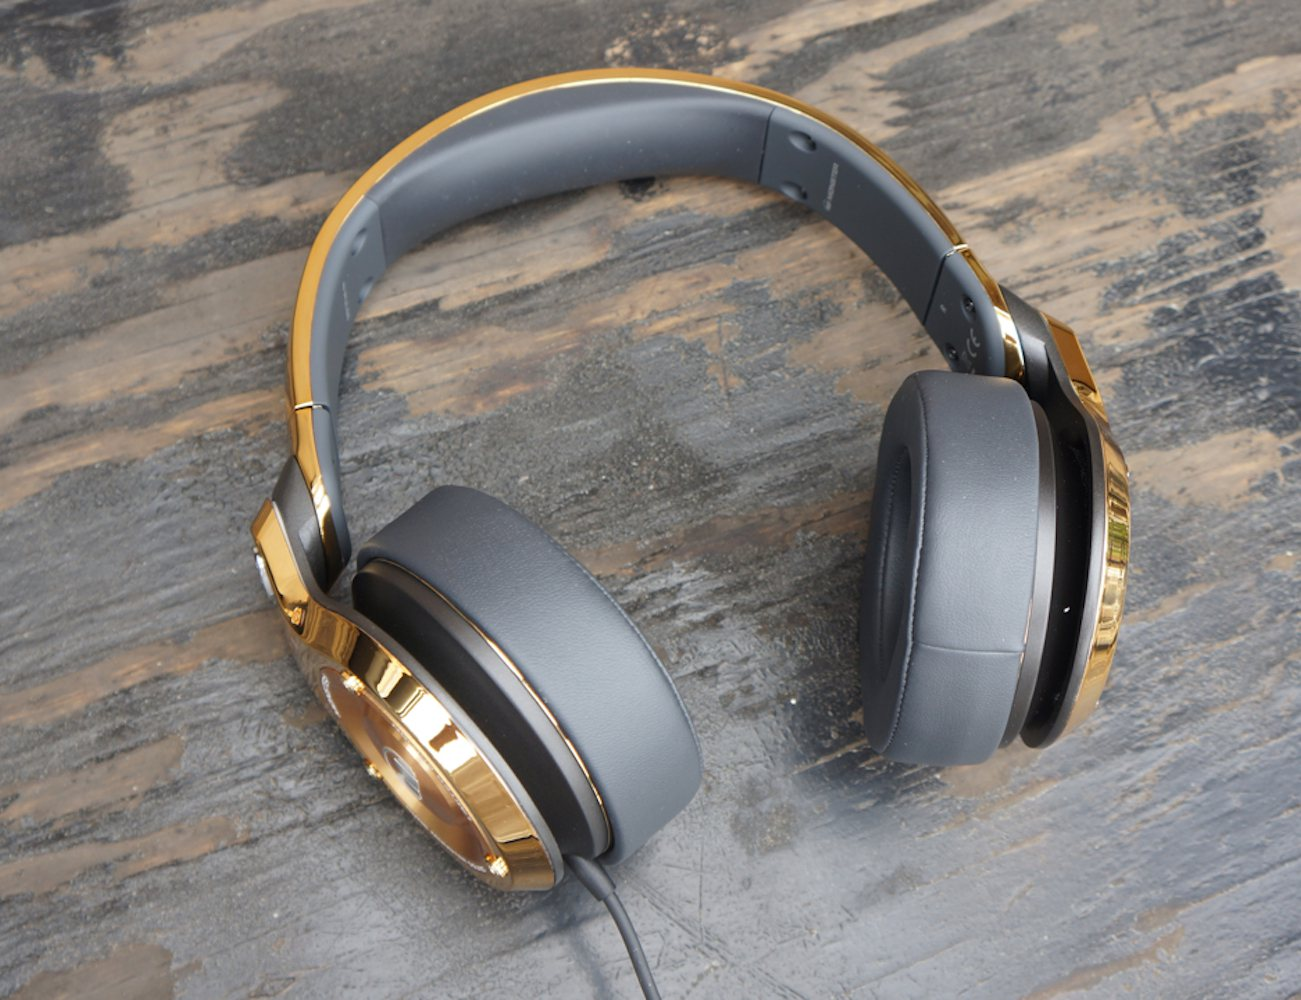 monster-24k-over-ear-headphones-03